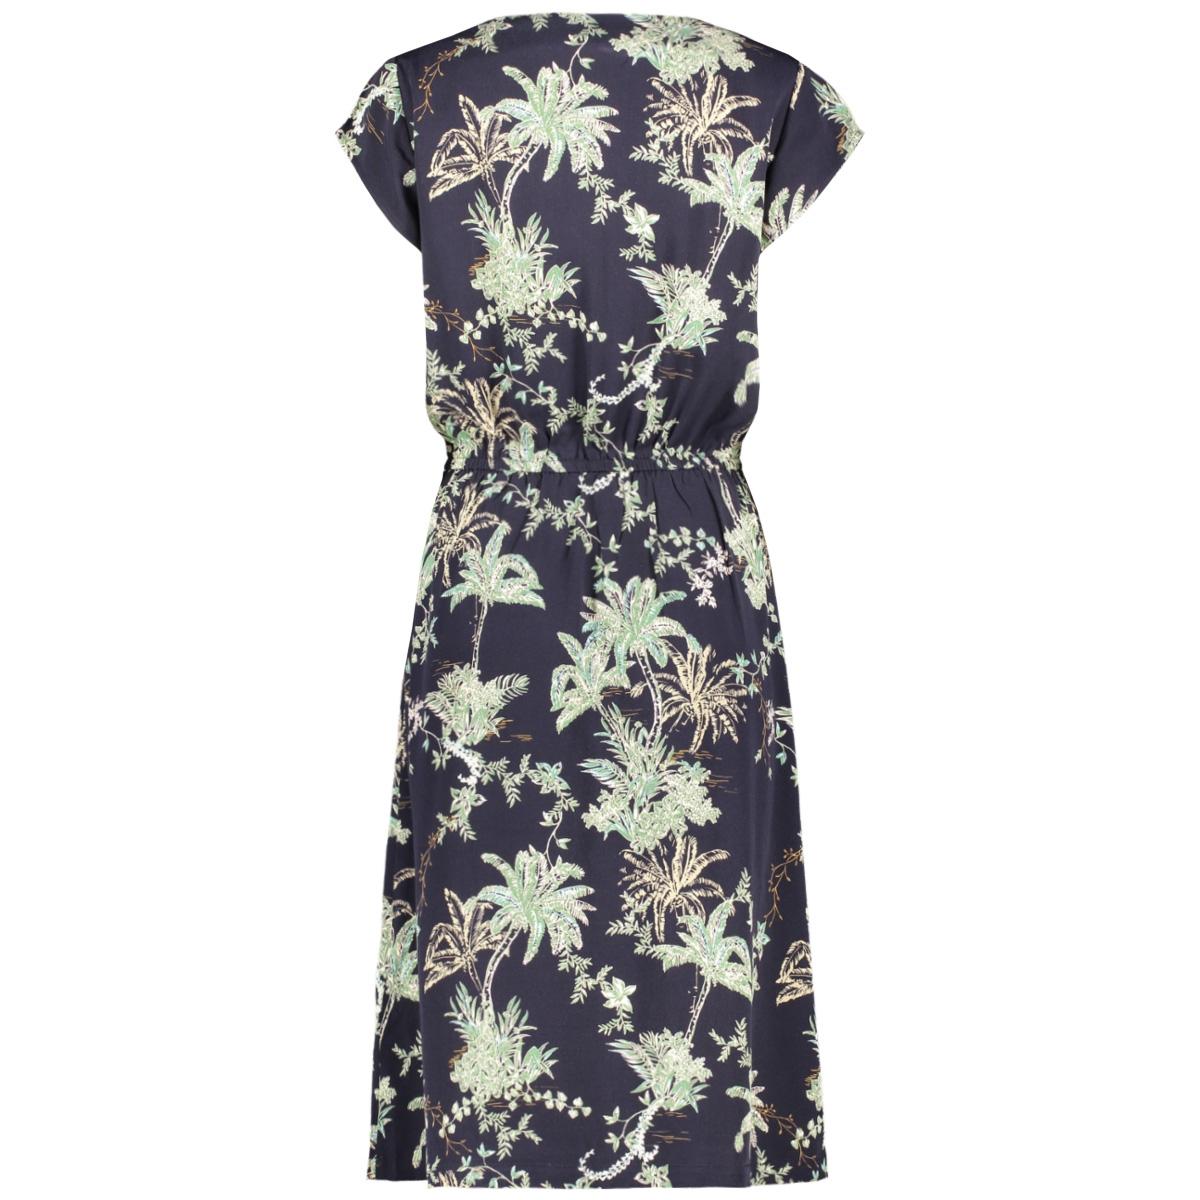 adasz ss dress summer palm print 30510308 saint tropez jurk 600122 blue summer pal